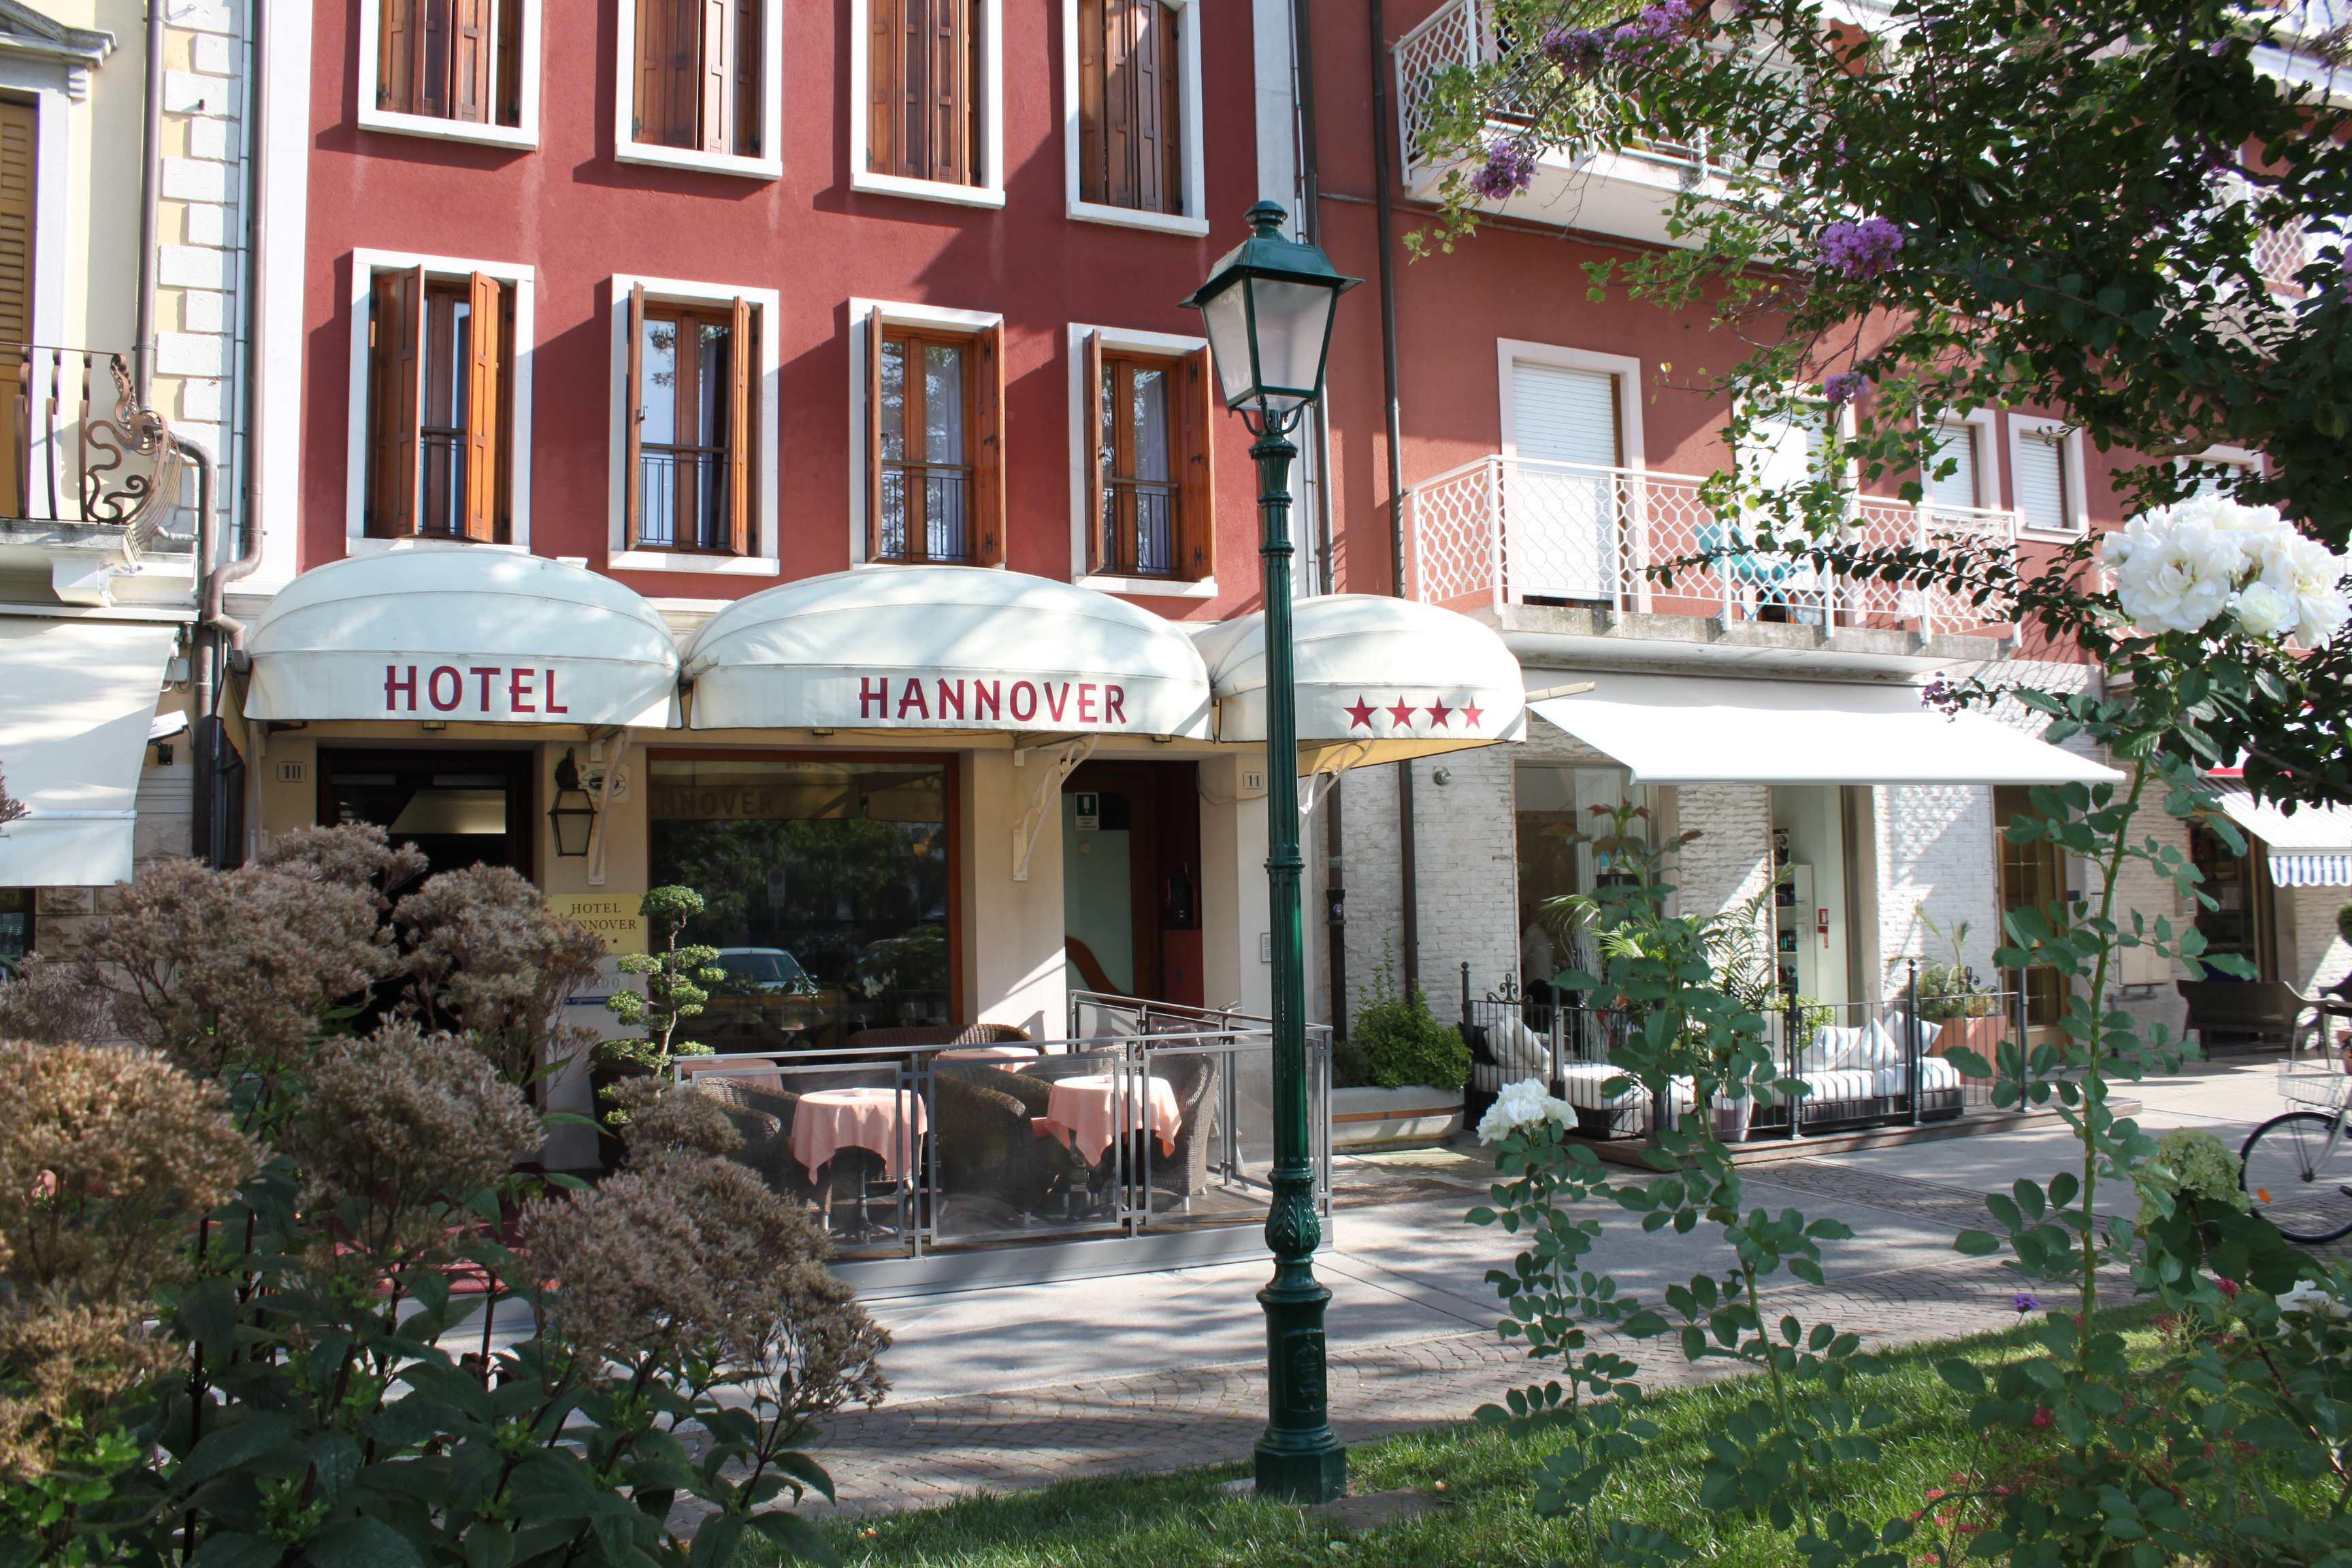 Hotel hannover grado grado for Hotel hannover